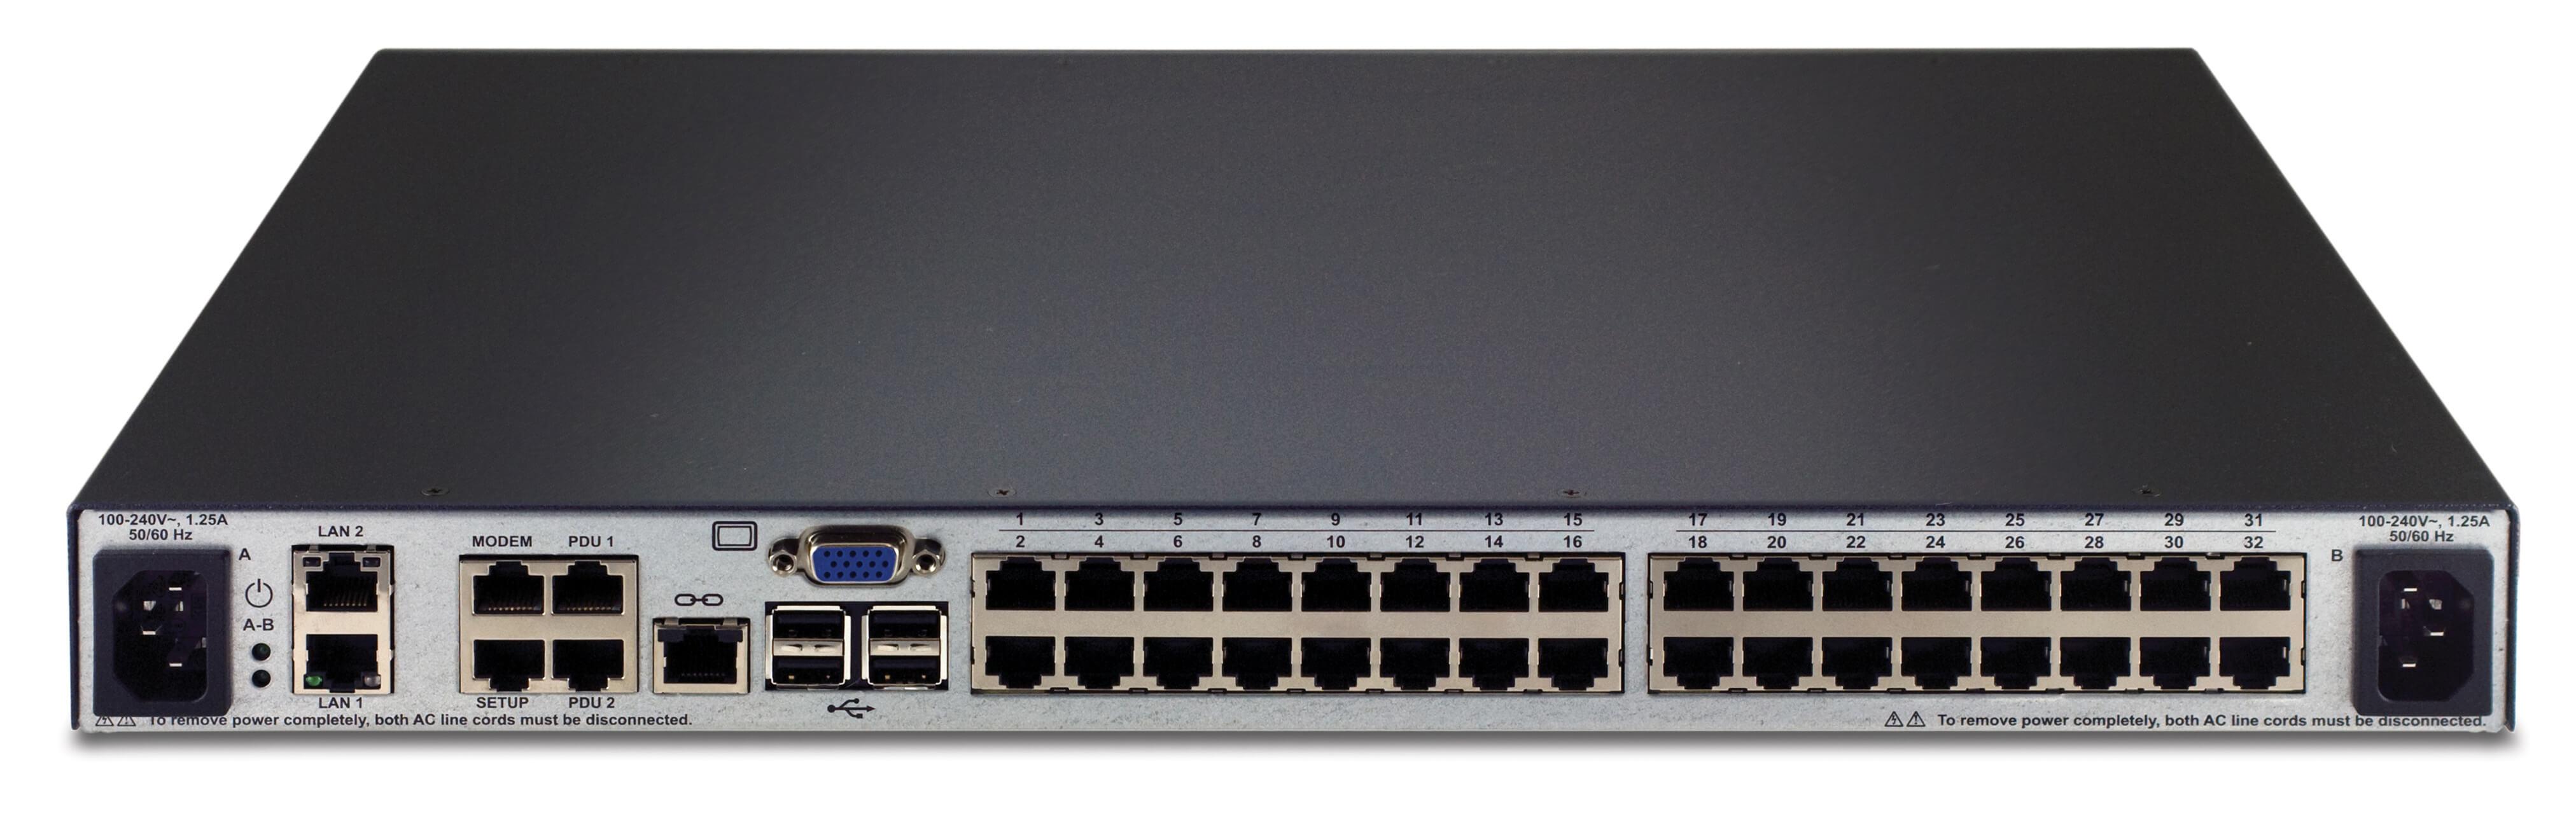 Sc740-001 avocent switchview sc740 dual monitor 1x4 secure dvi kvm.